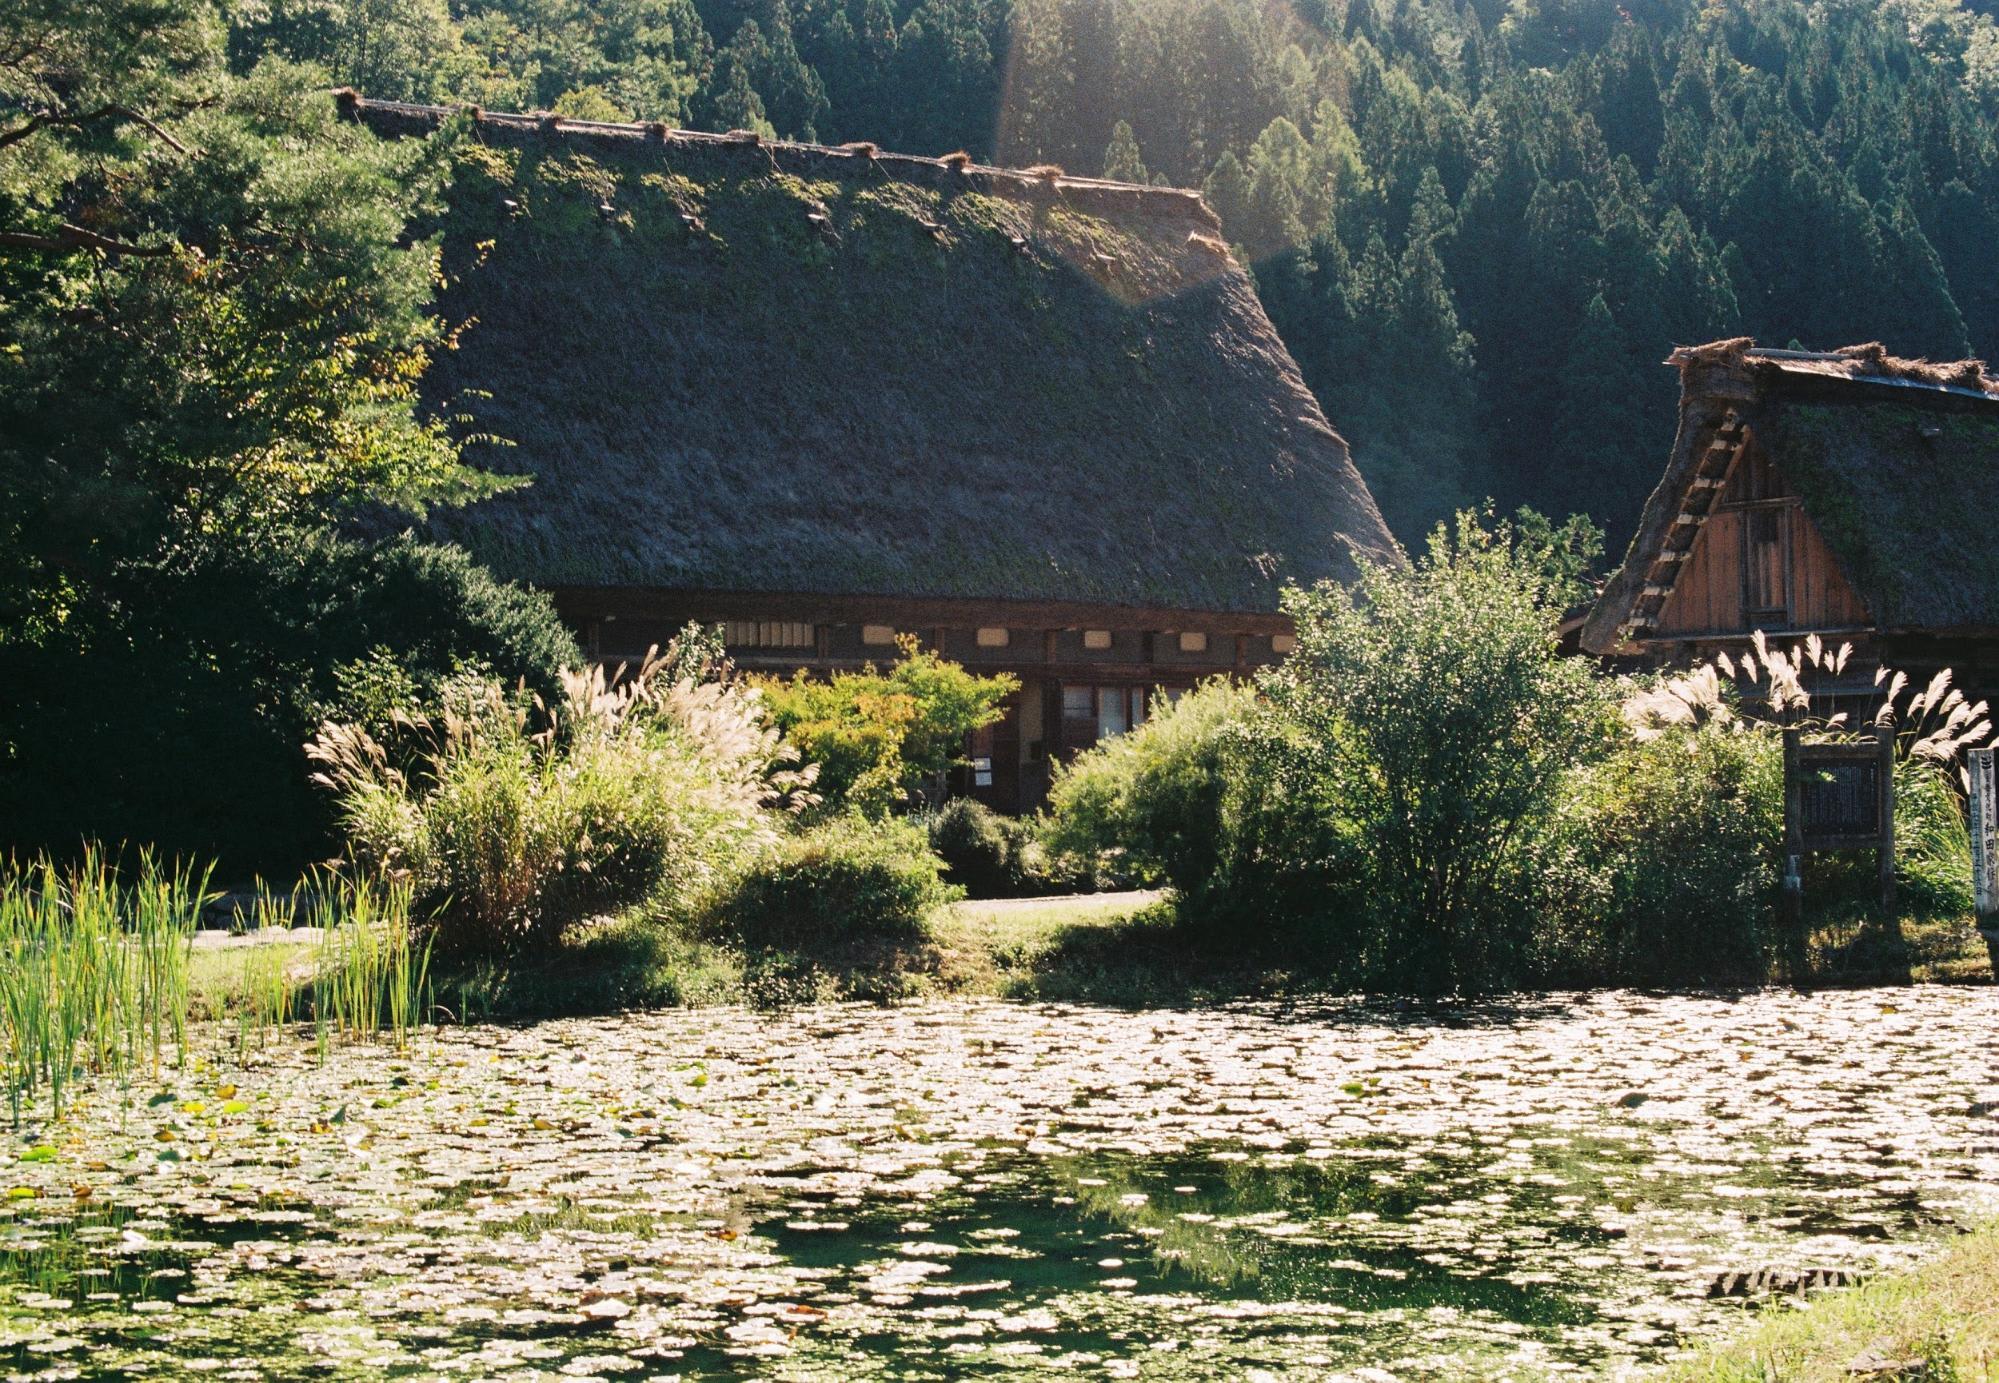 nhà vườn và hồ tại shirakawa-go